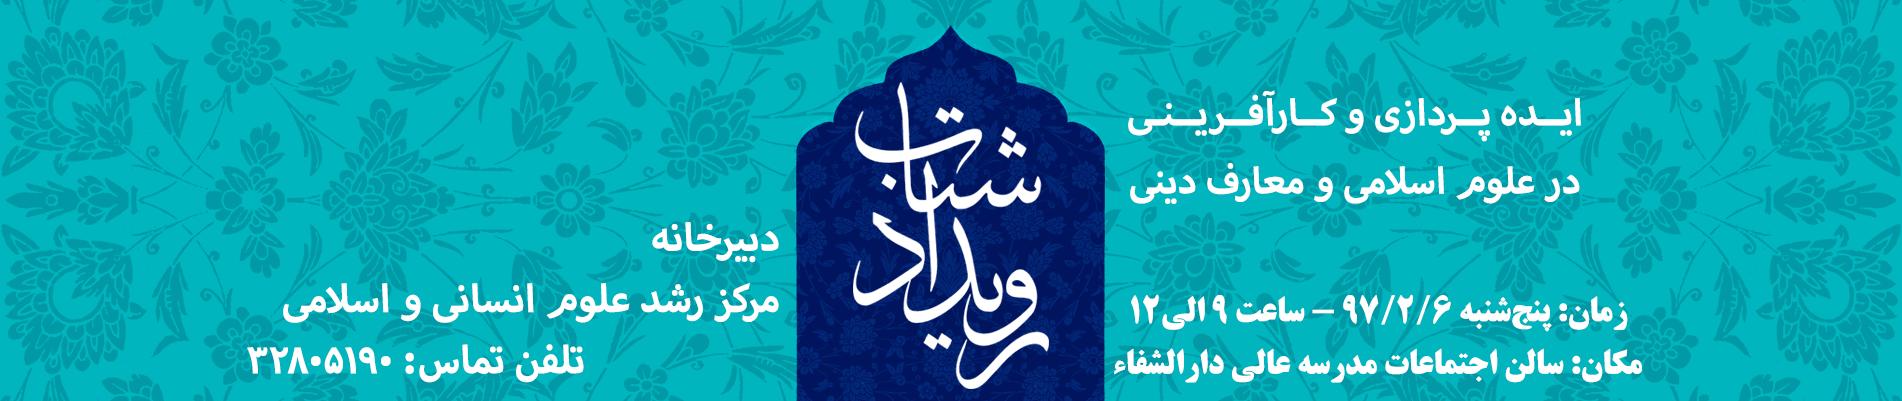 رویداد شتاب حوزوی - ایدهپردازی و کارآفرینی در علوم اسلامی و معارف دینی